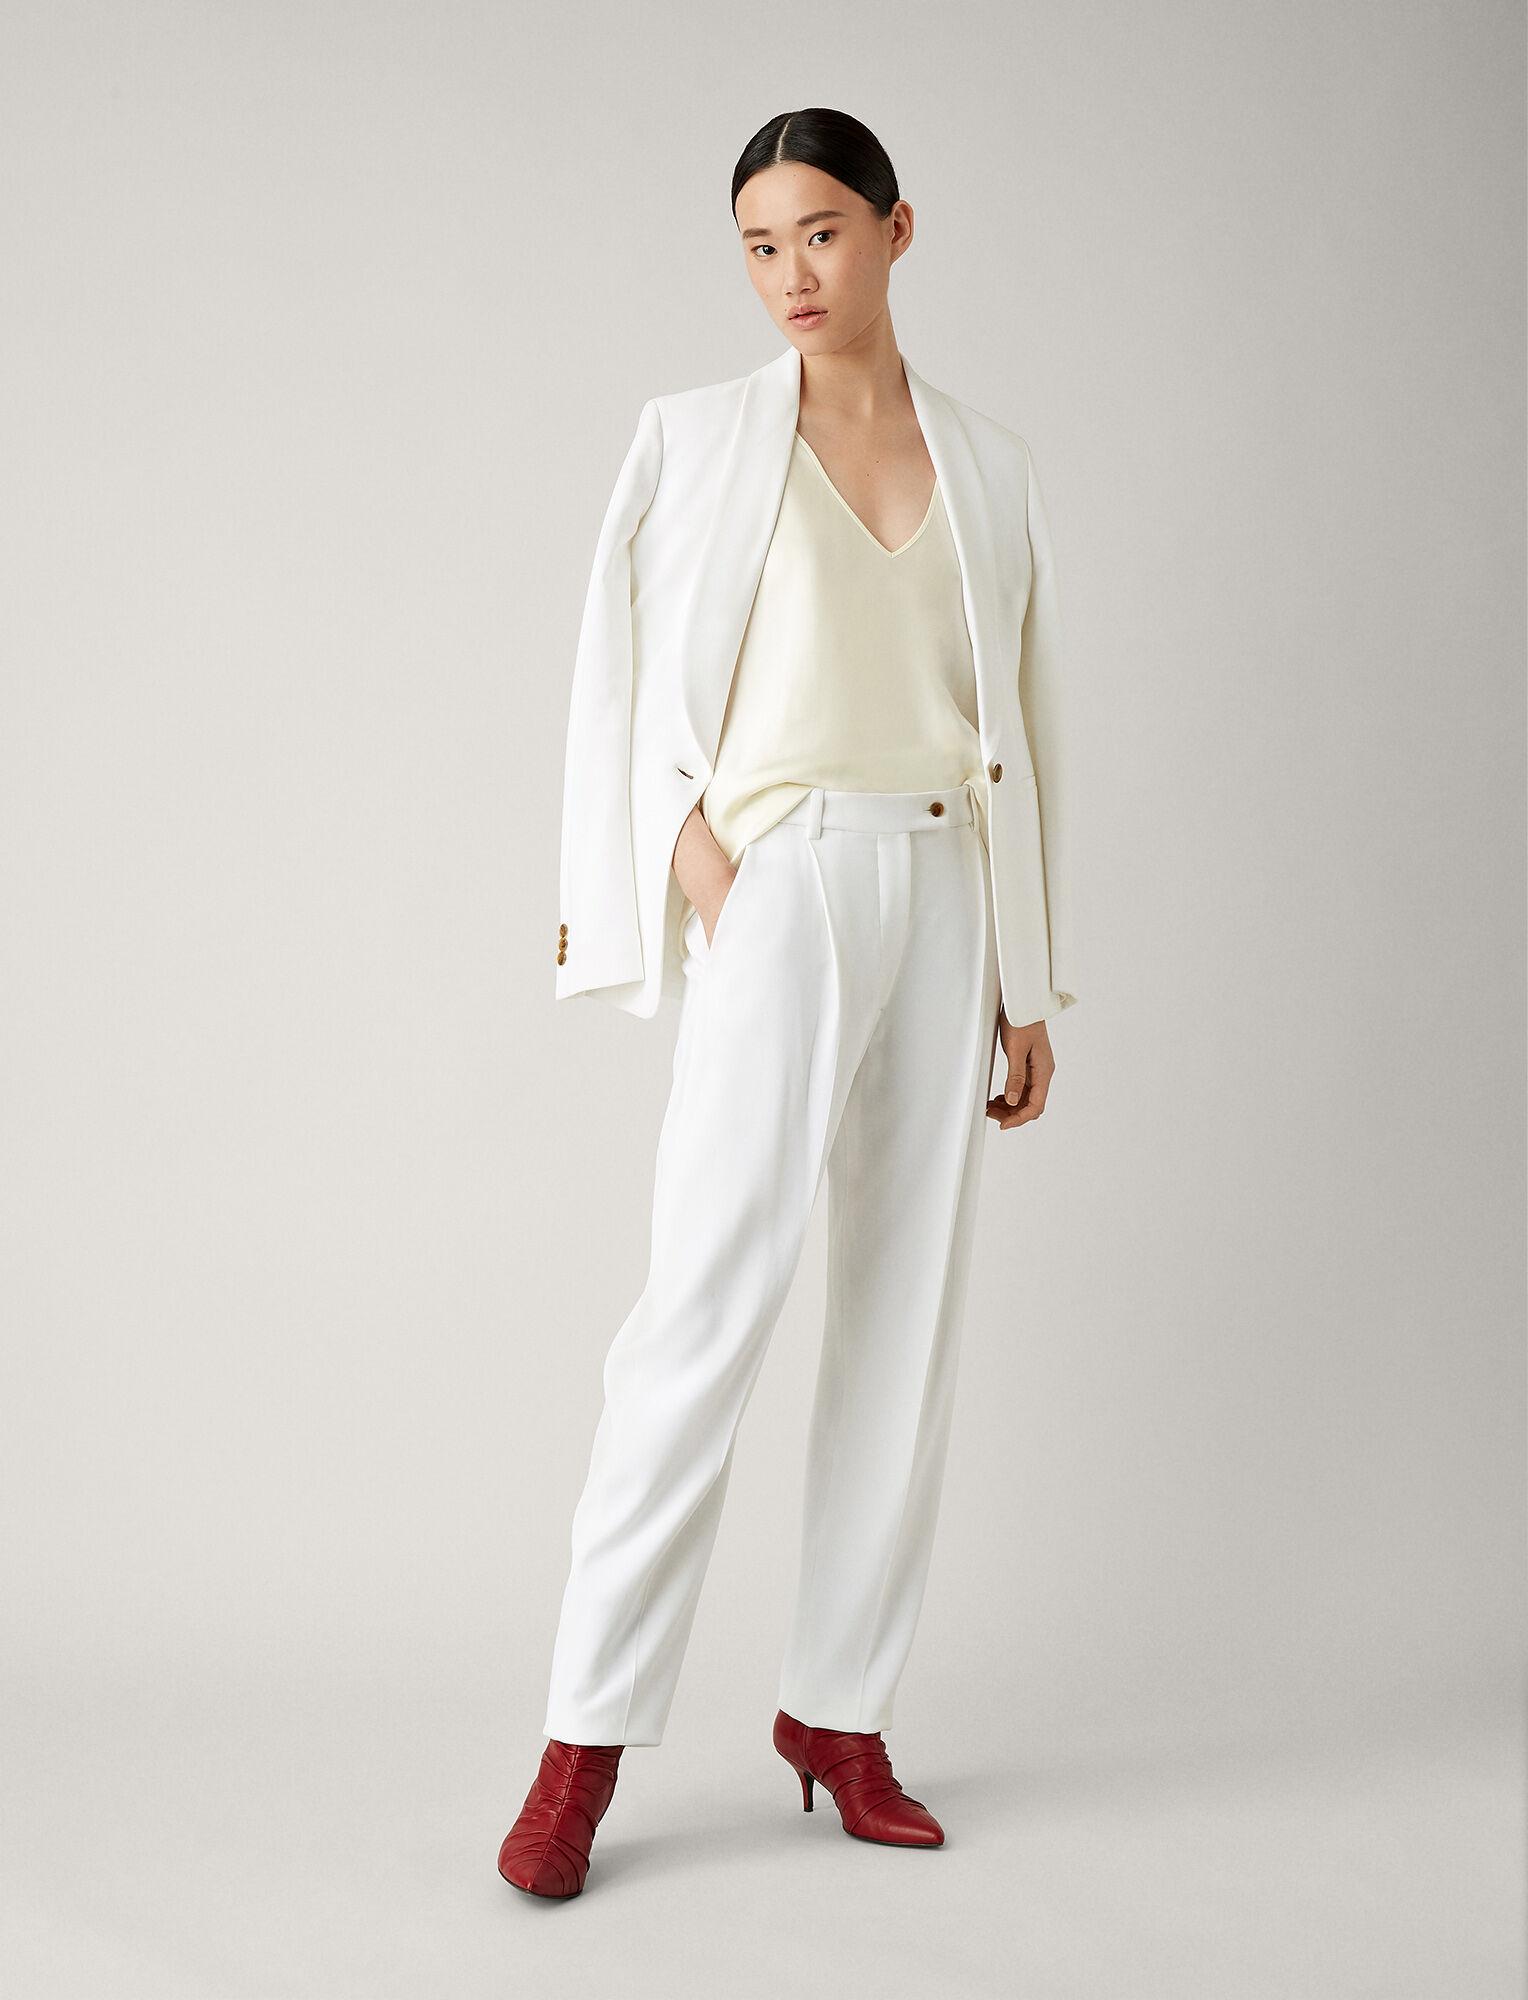 Joseph, Arbala Stretch Acetate Viscose Trousers, in WHITE